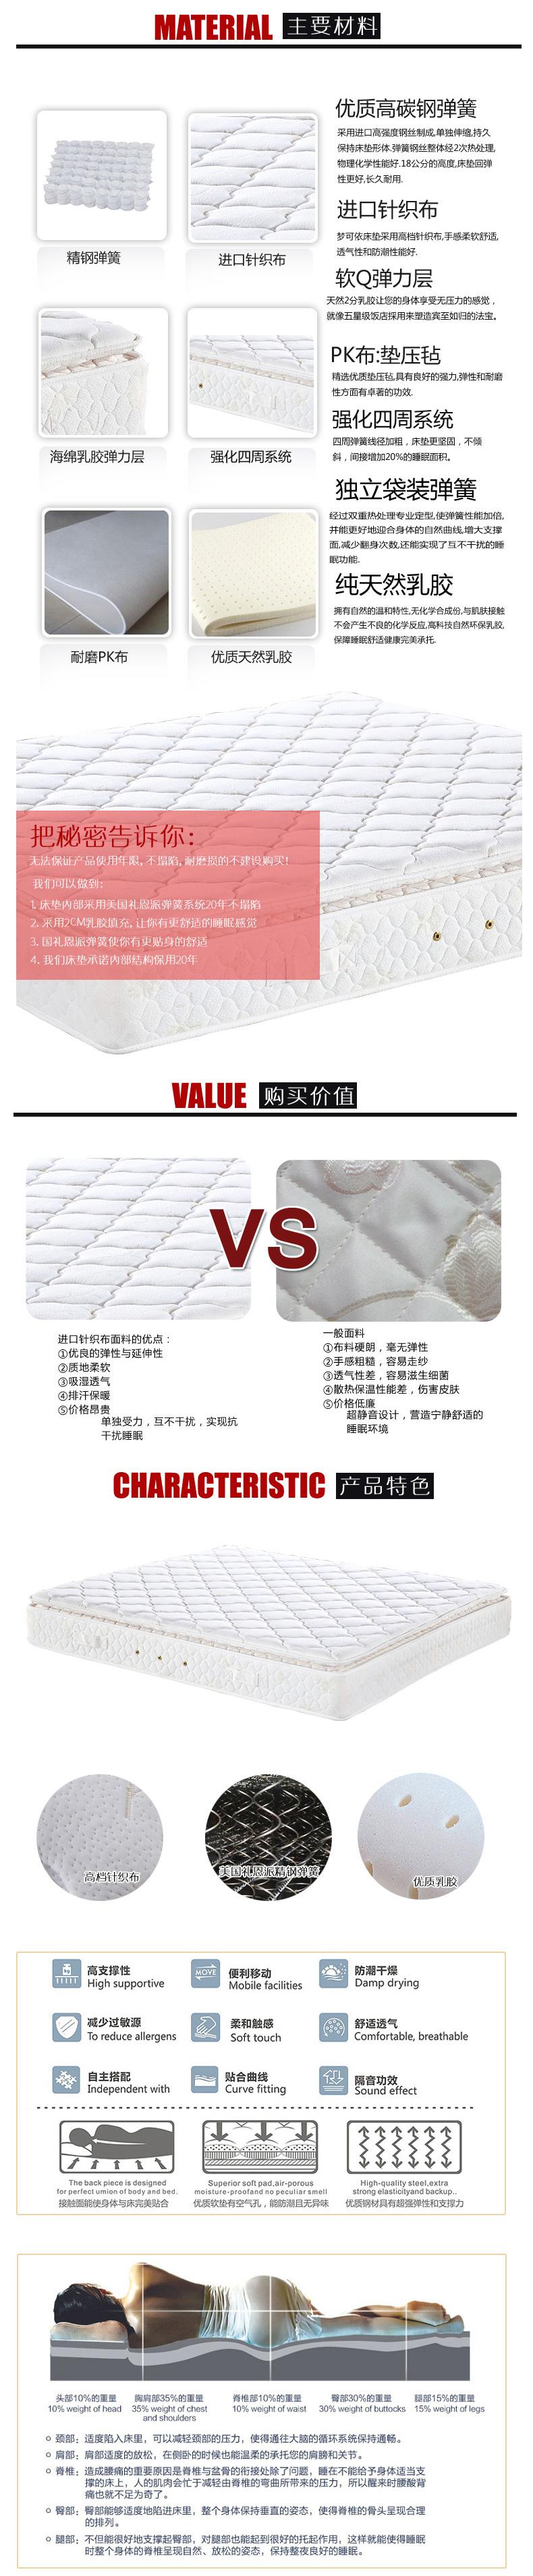 雅奇床垫材料解析.jpg